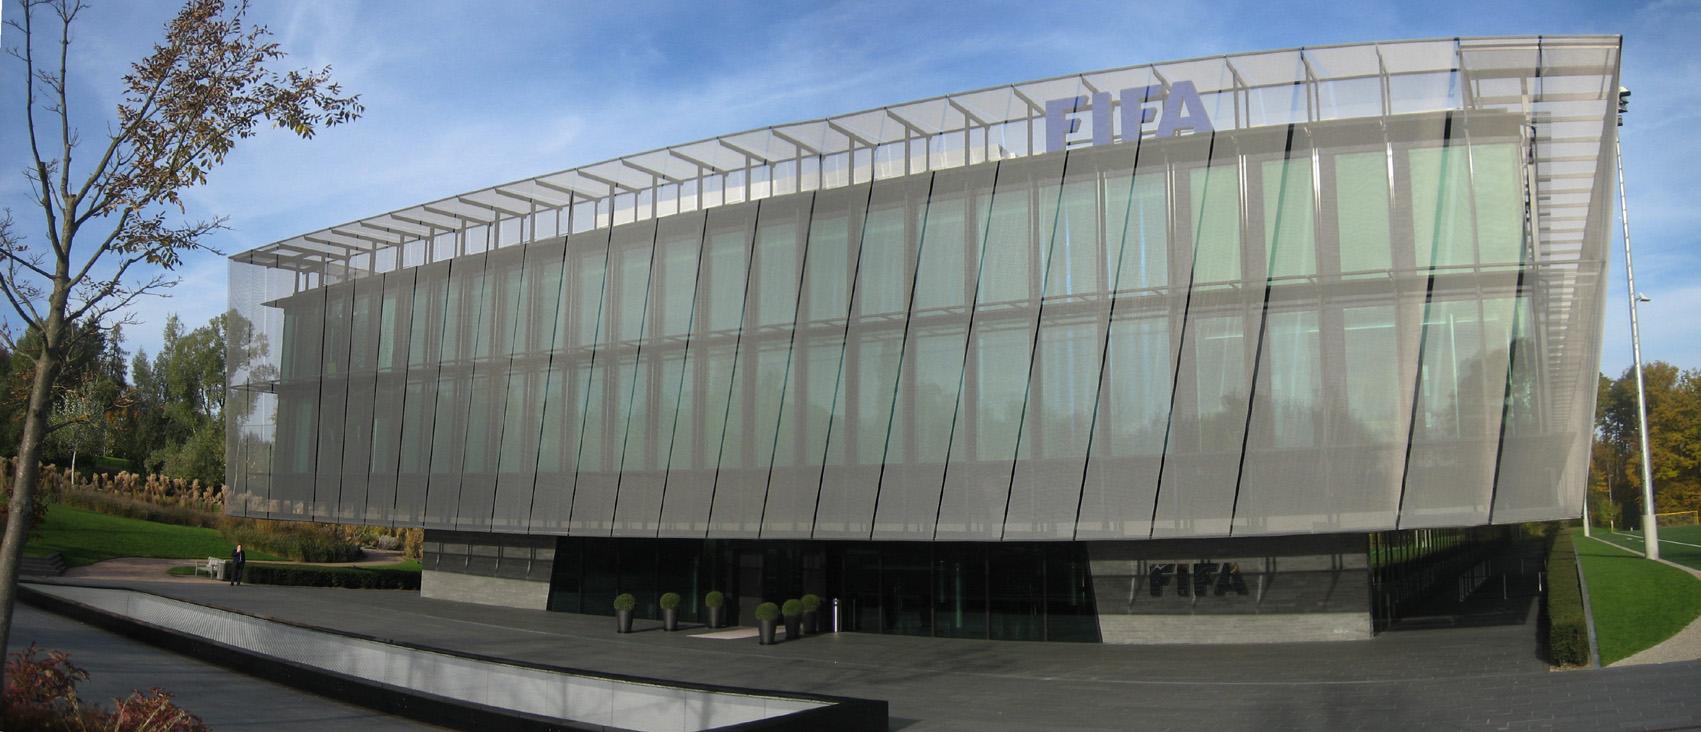 Fifa: Interpol suspende parceria em projeto devido a escândalo de corrupção